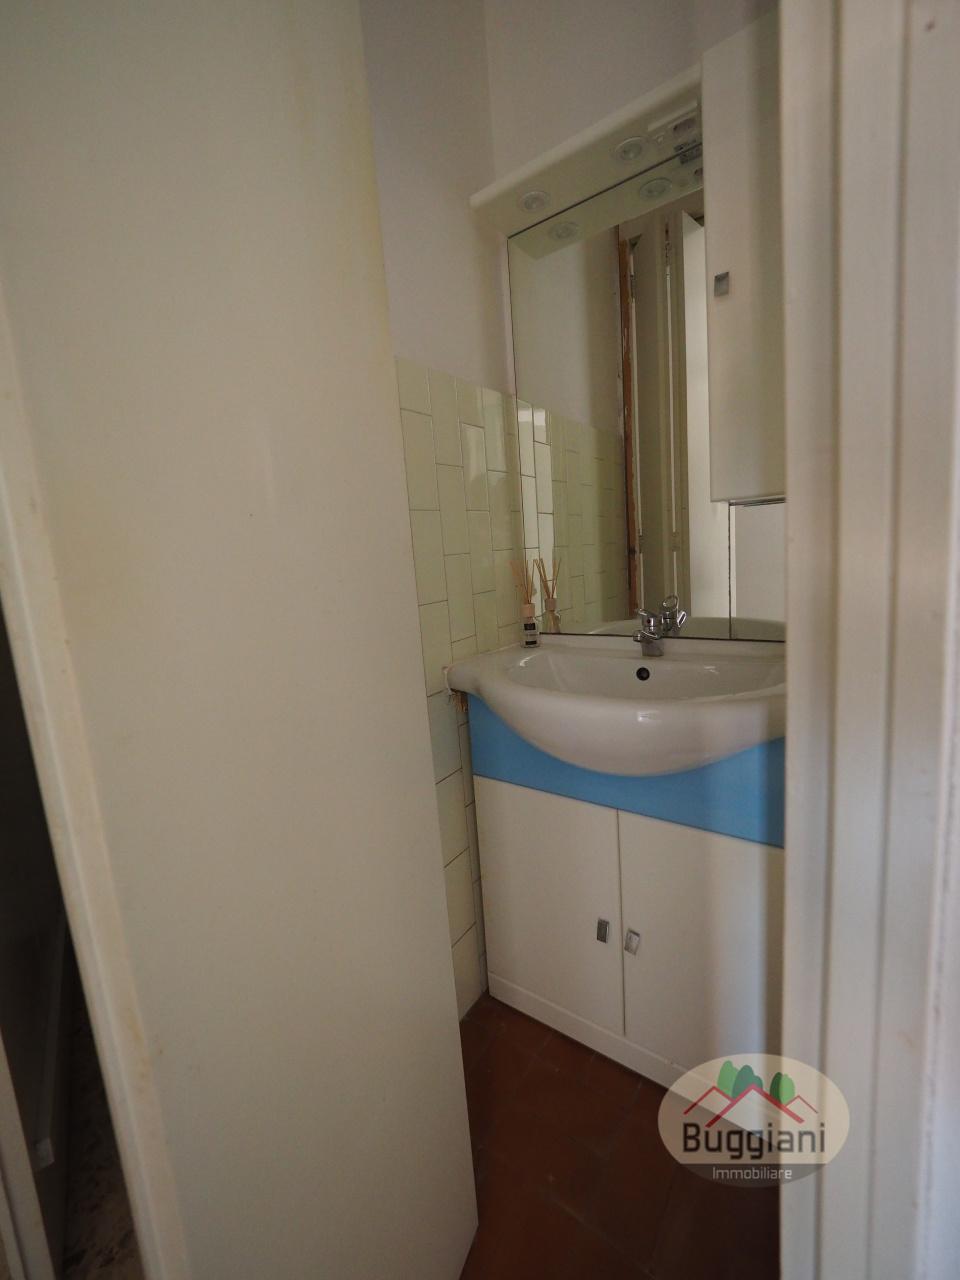 Appartamento in vendita RIF. 1784, San Miniato (PI)